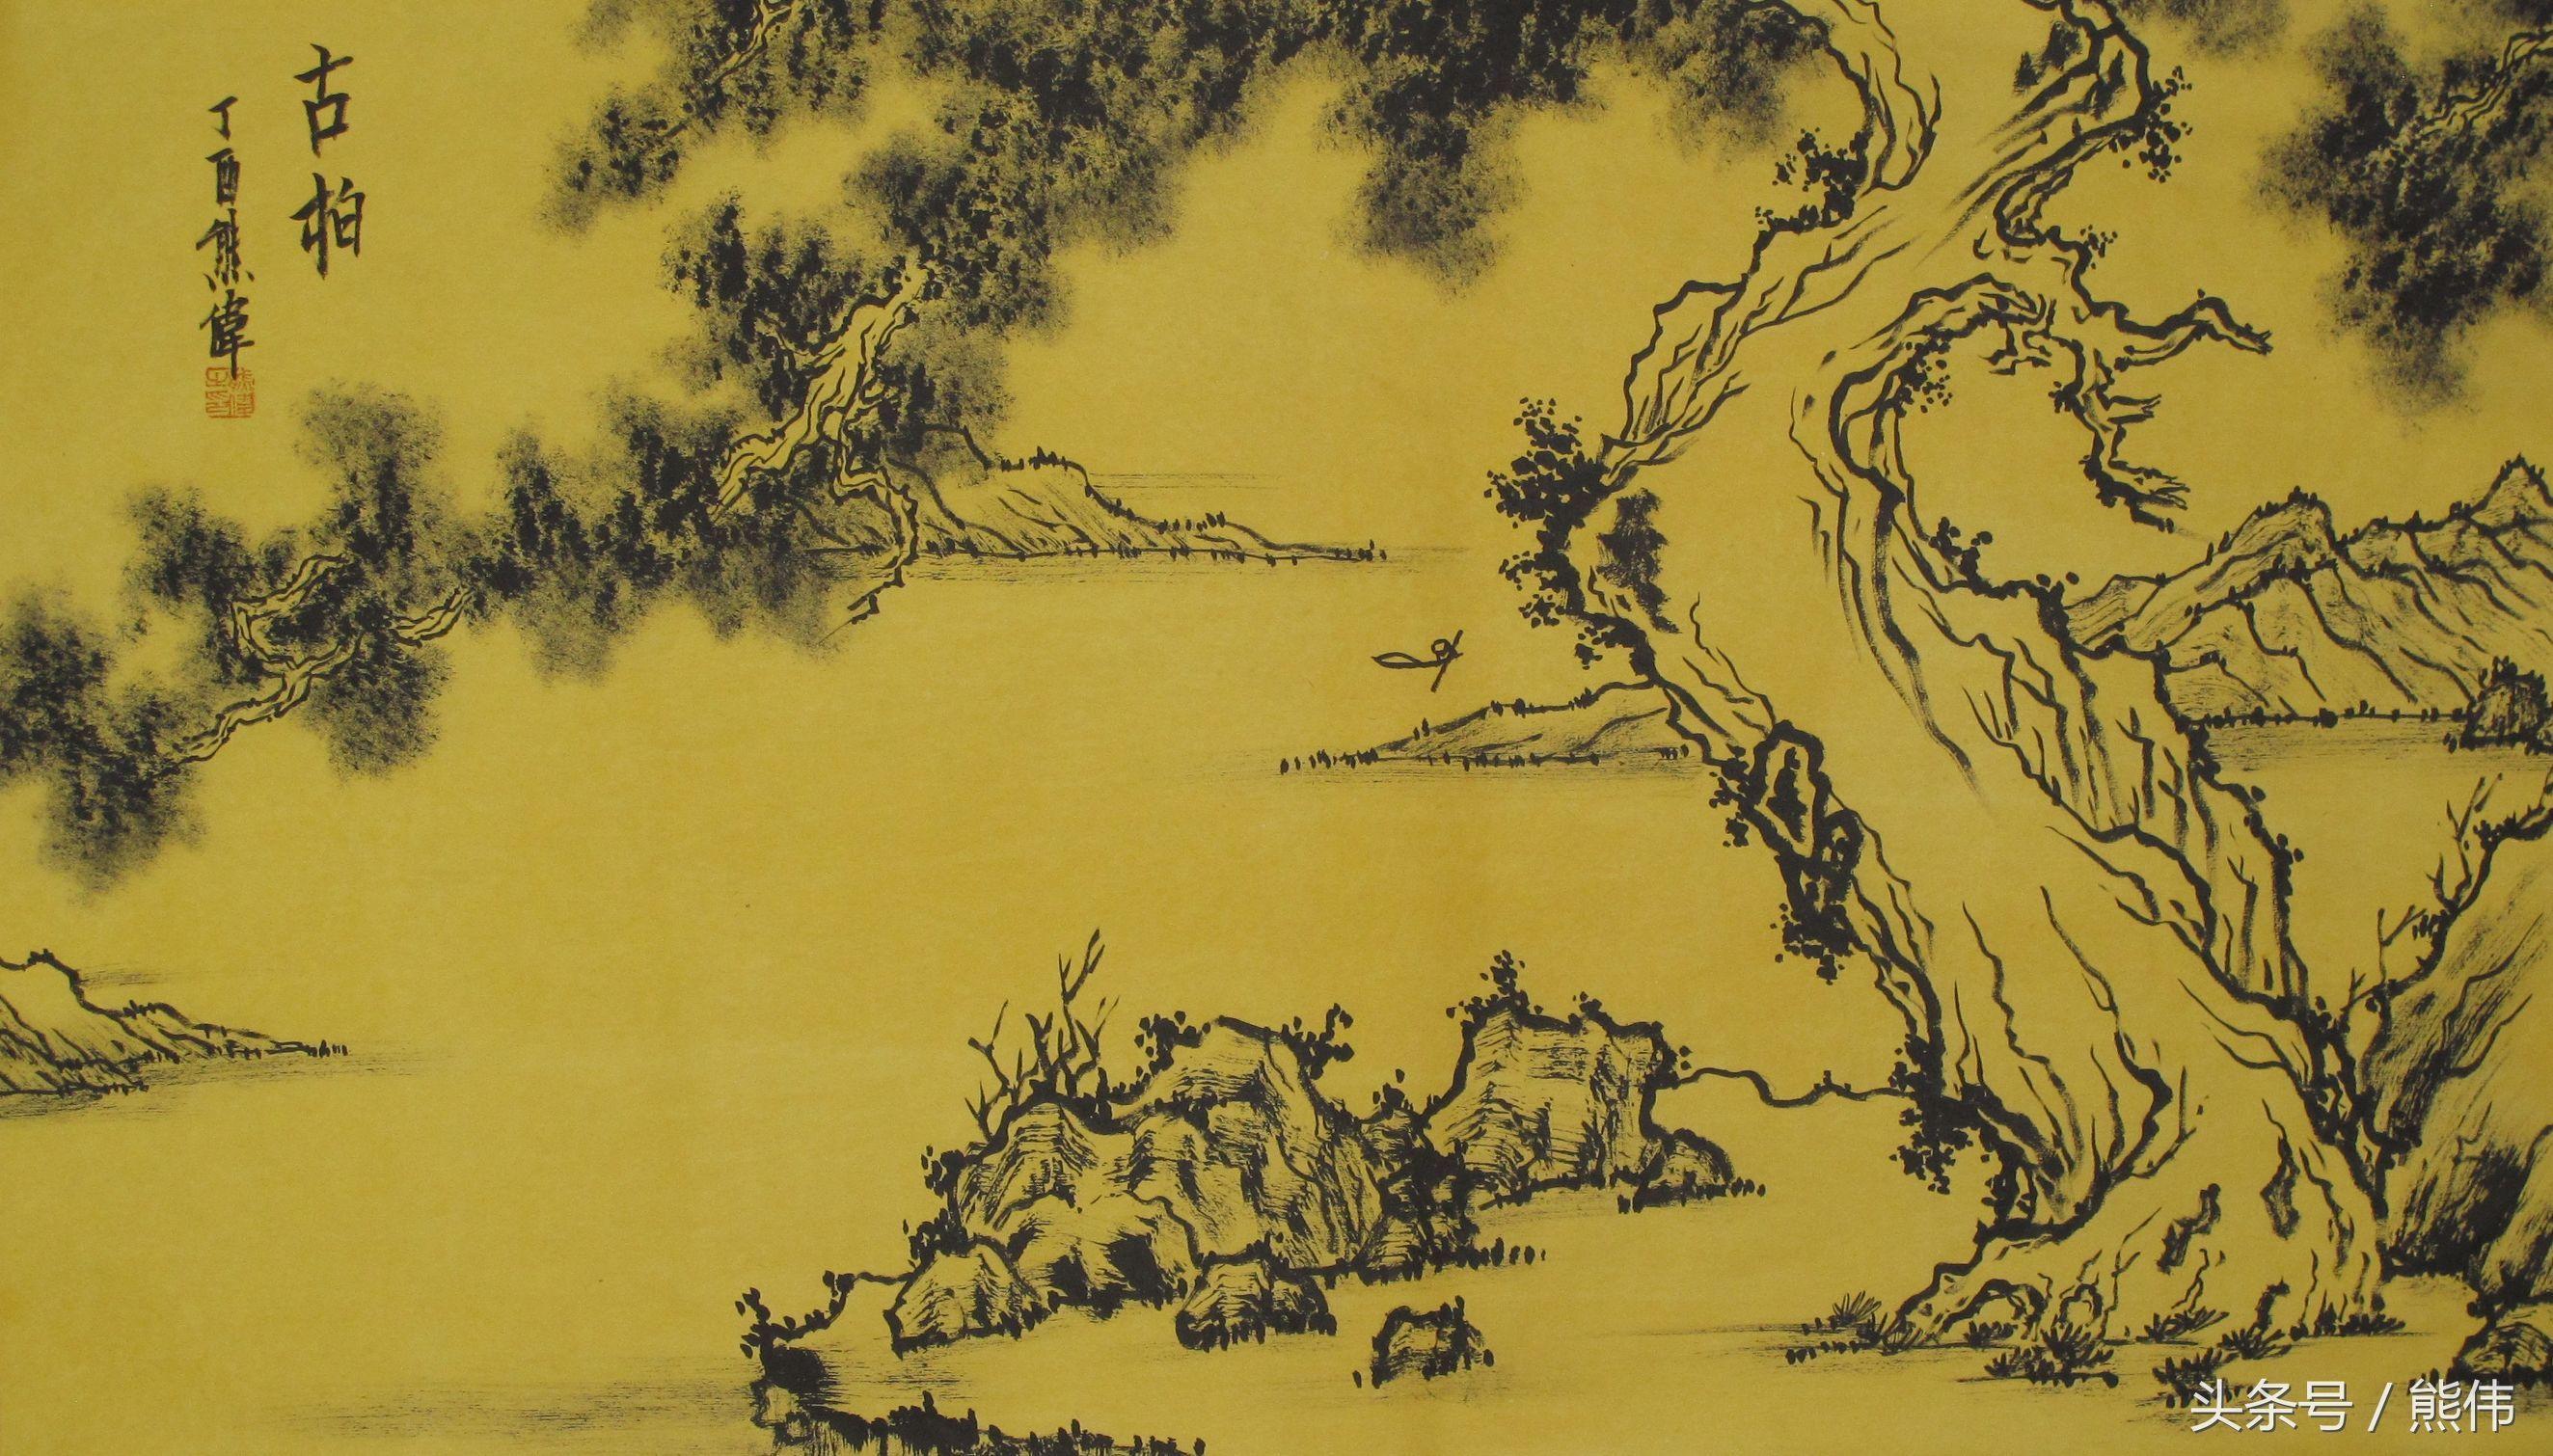 国画松鼠和松树应怎样题词问:画一幅松树和松鼠不知如何题词答:题上关